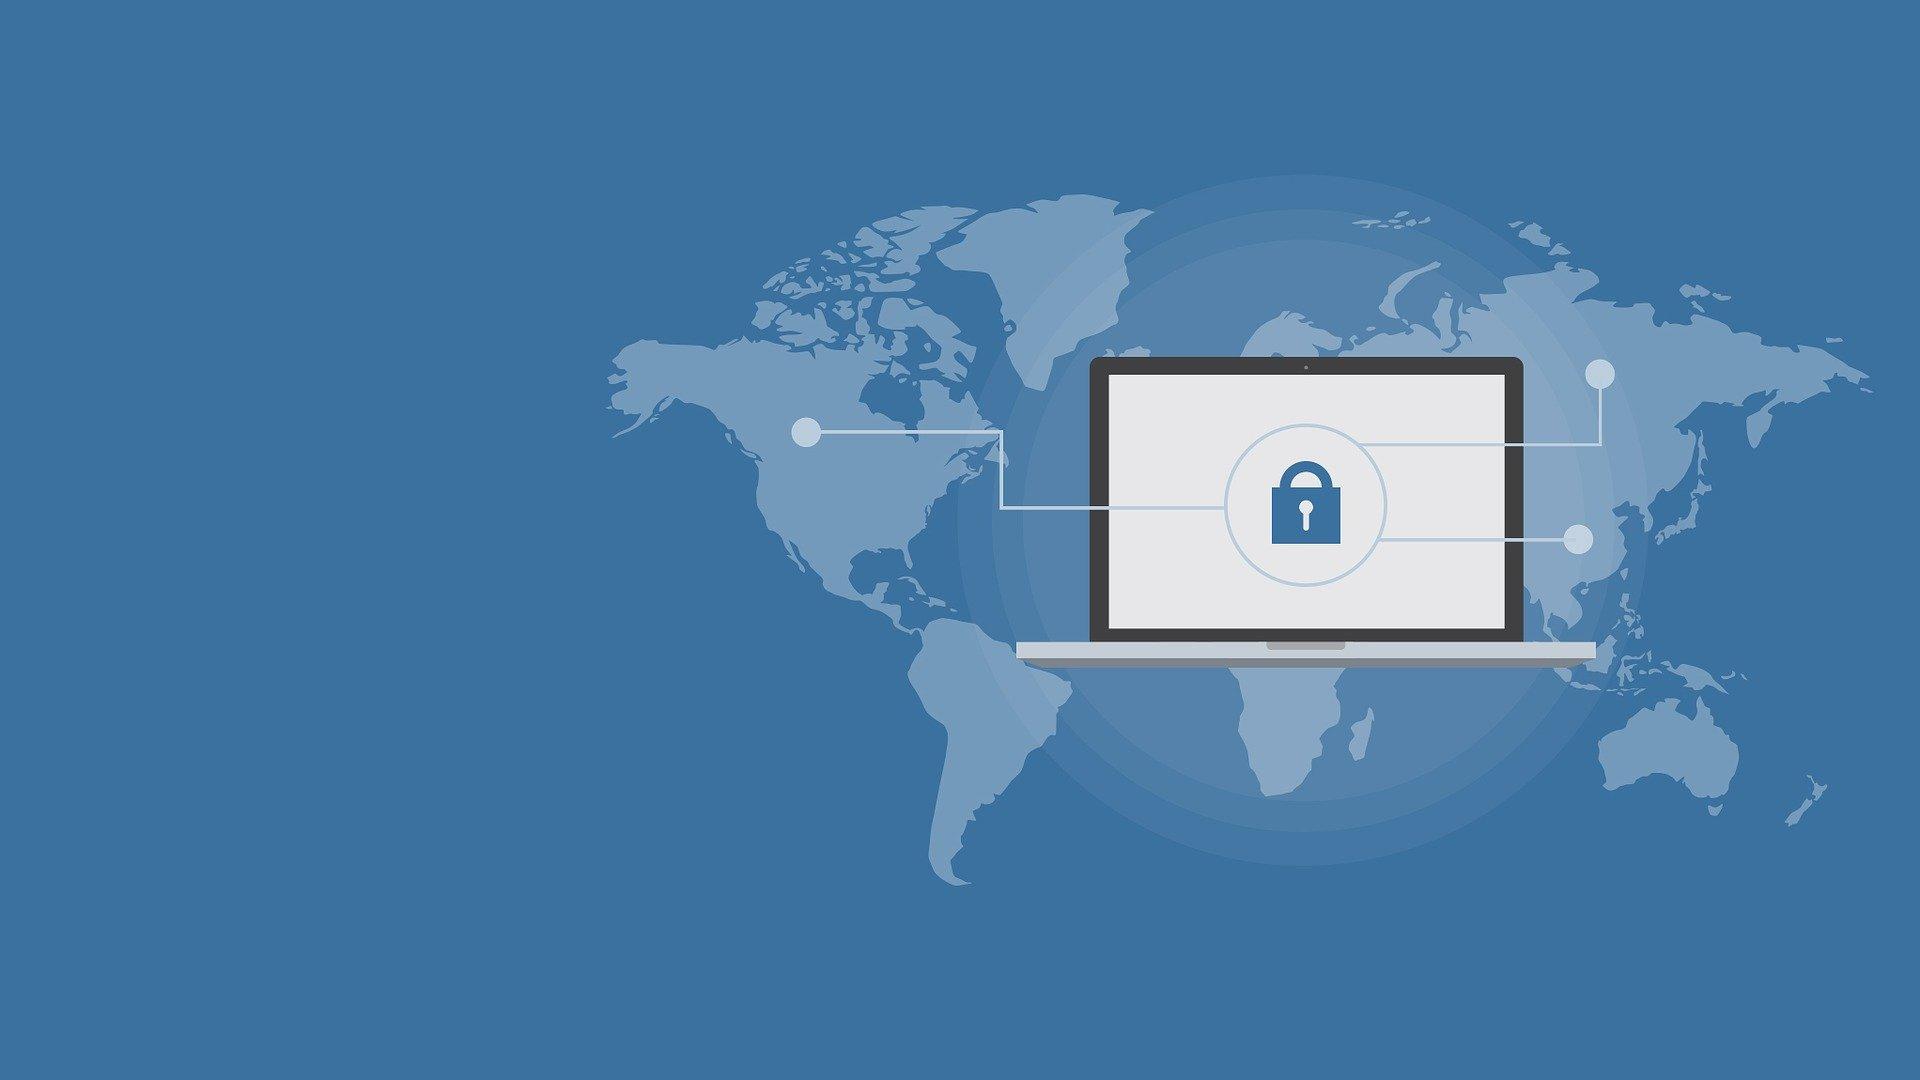 Internet-Sicherheit Online Computer Cyber Netzwerk - (c) Pixabay